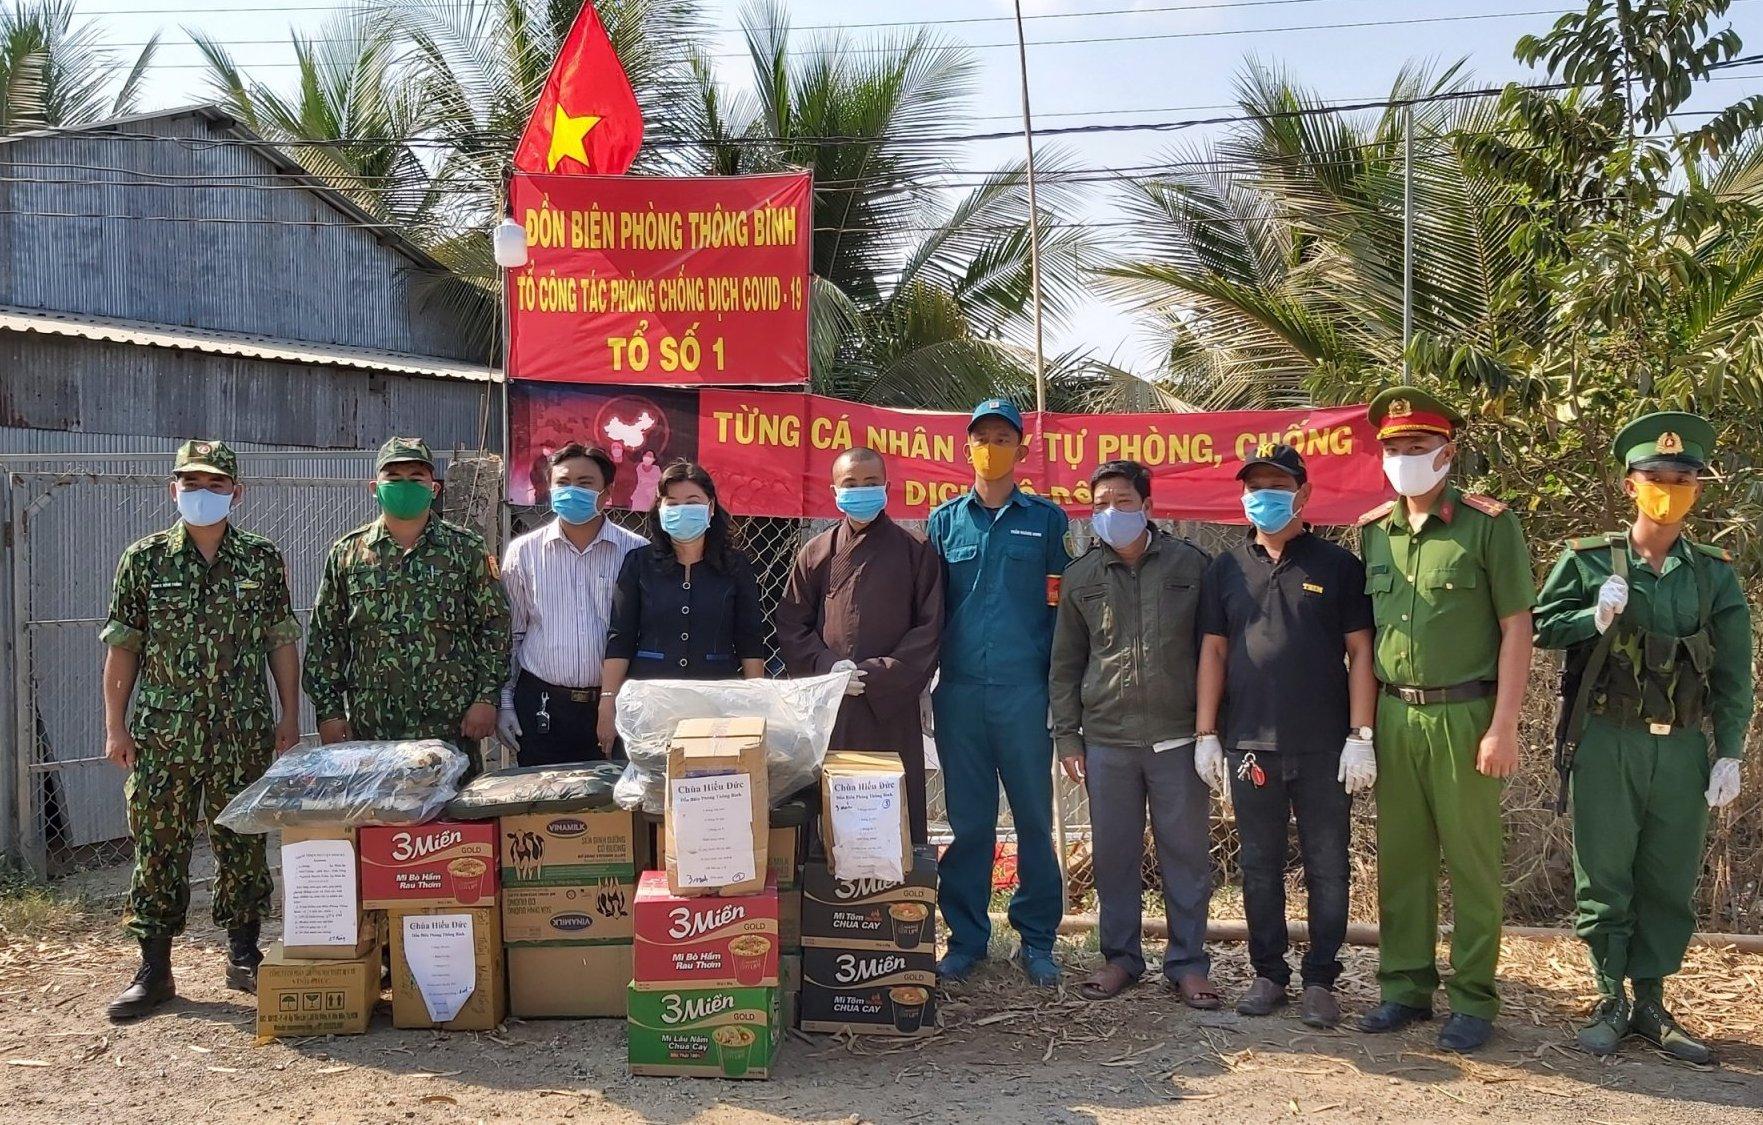 Trao tặng 10.000 khẩu trang cho lực lượng tuyến đầu chống dịch COVID-19